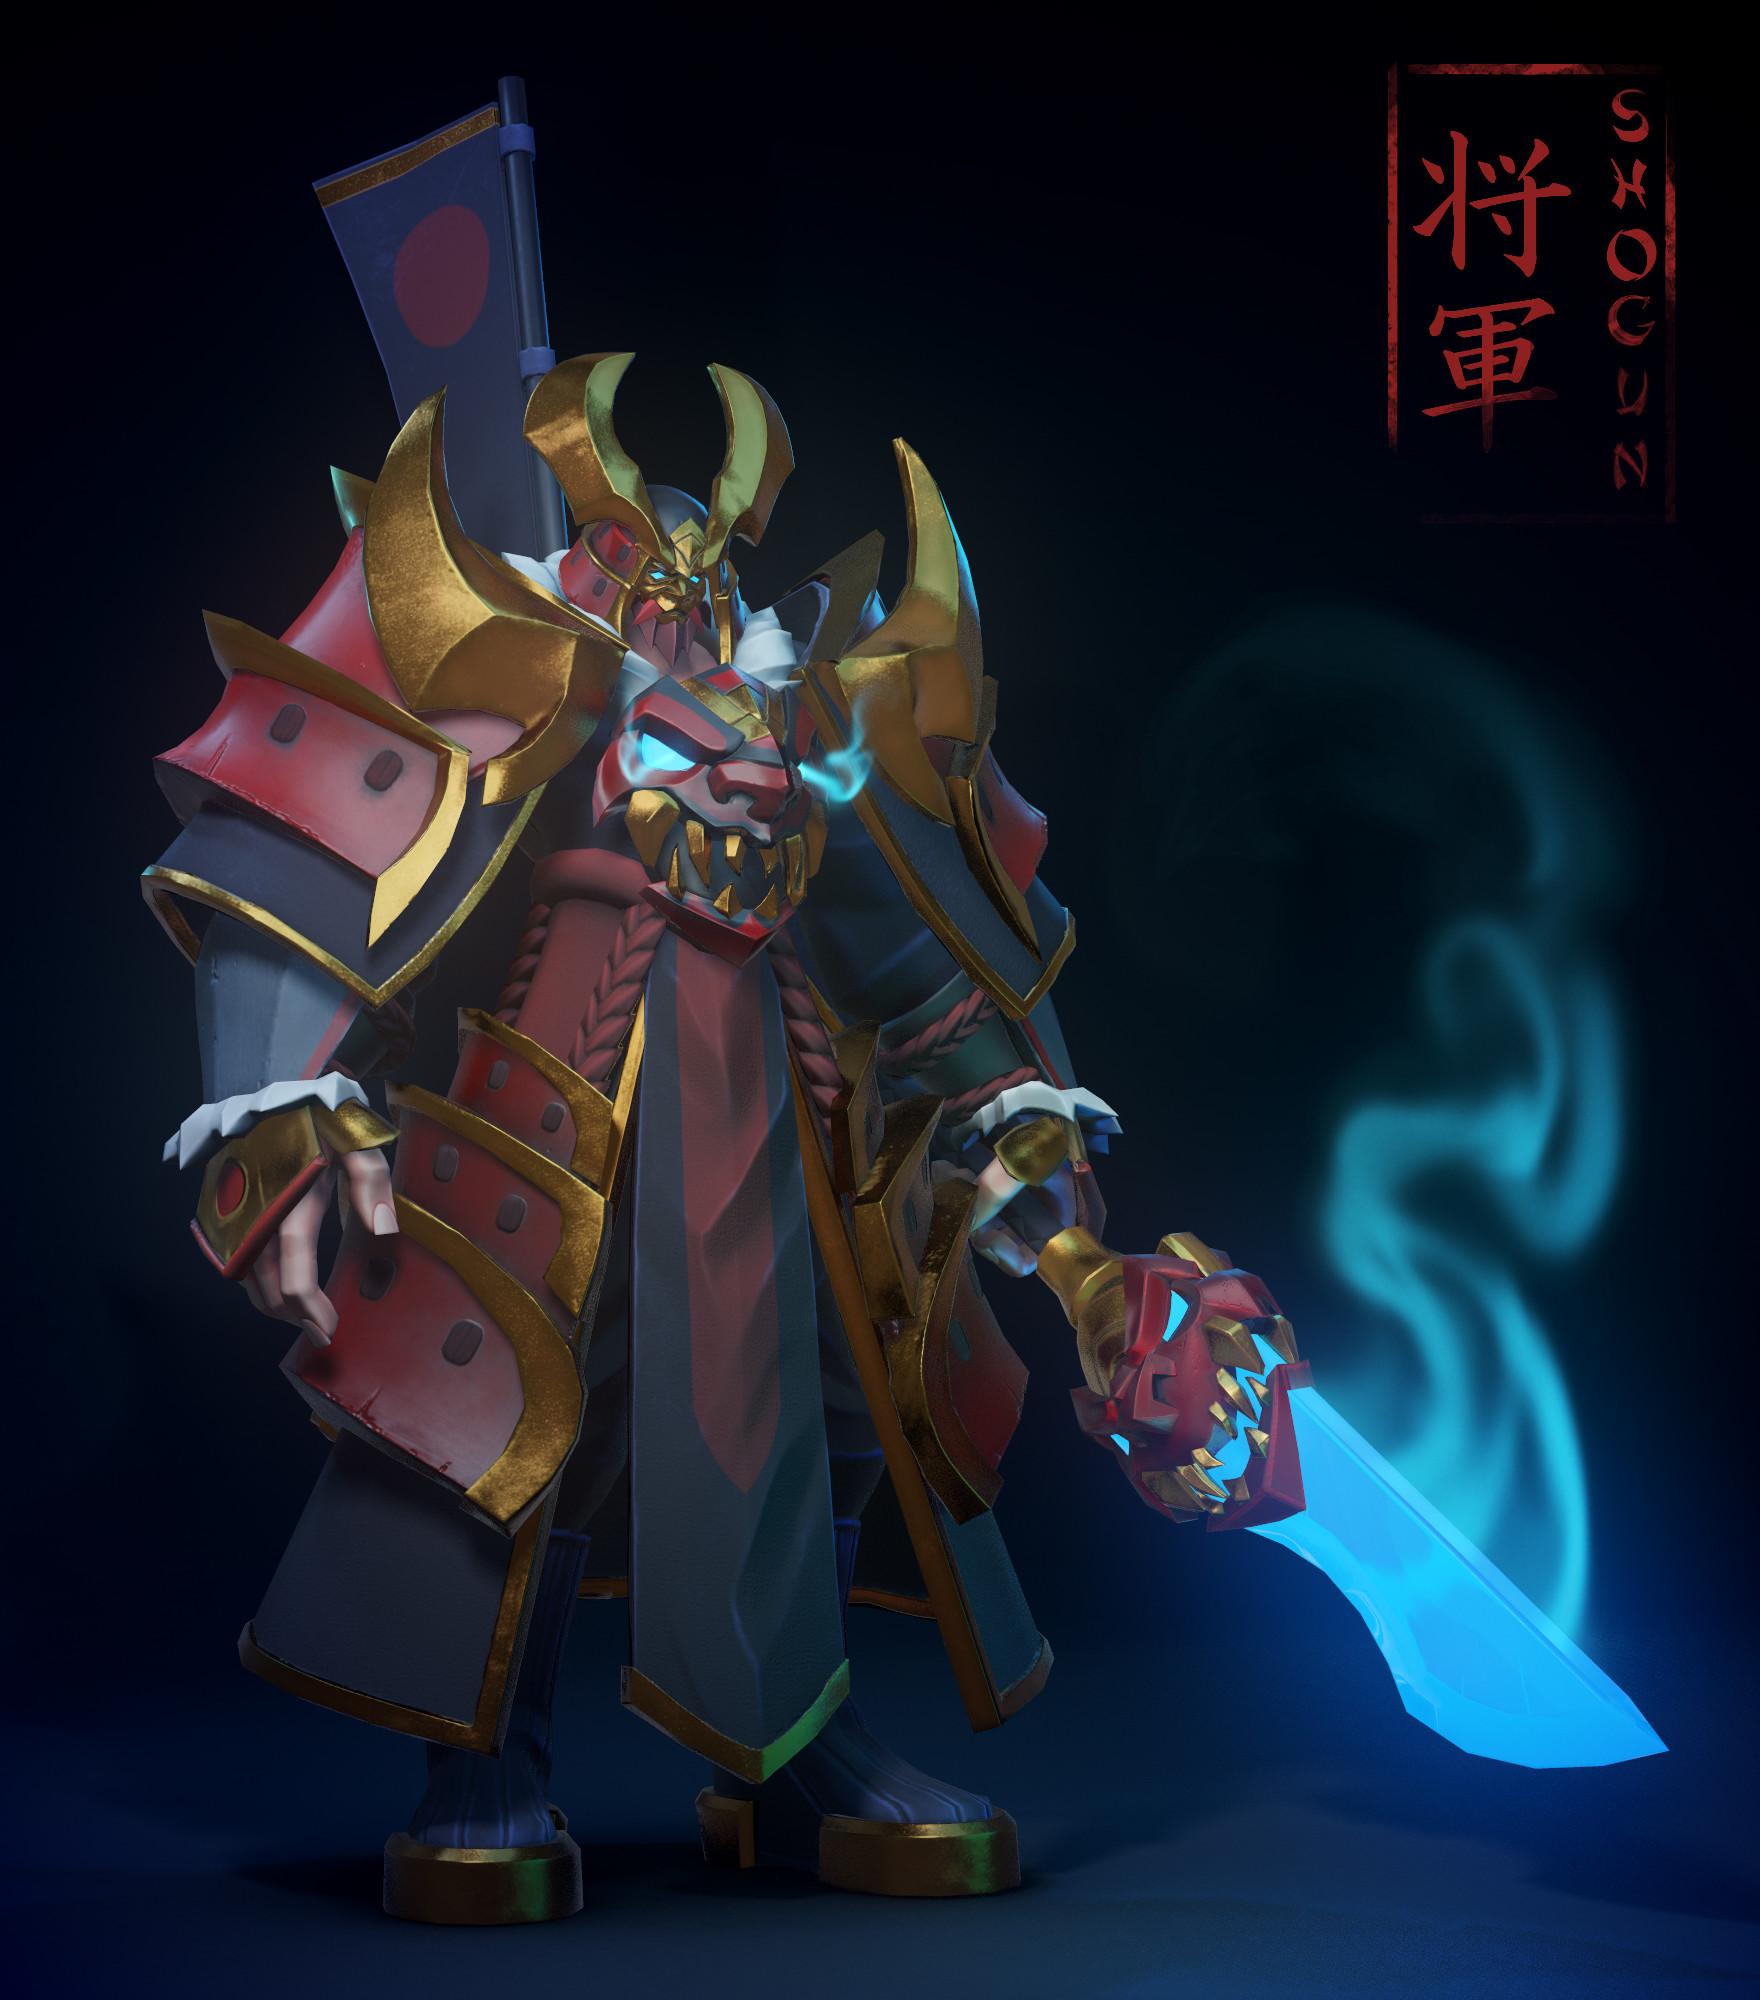 Dillon hetrick shogun 01